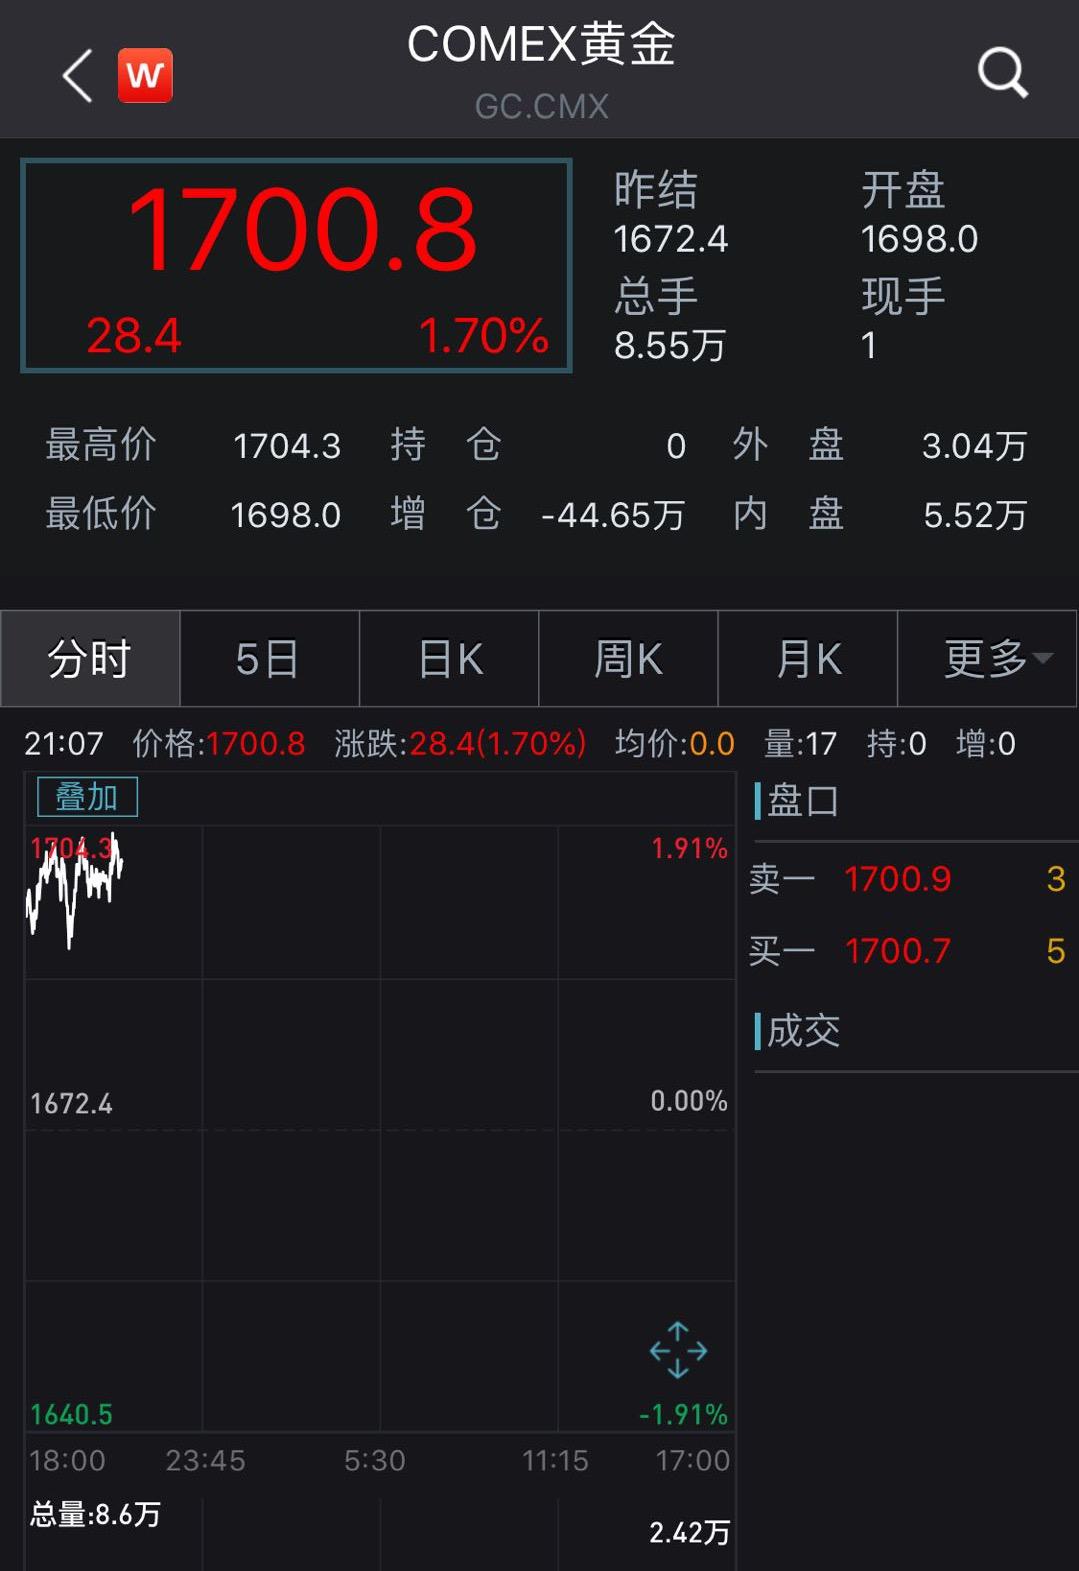 现货黄金突破1700关口,比特币一路跌破至8100美元